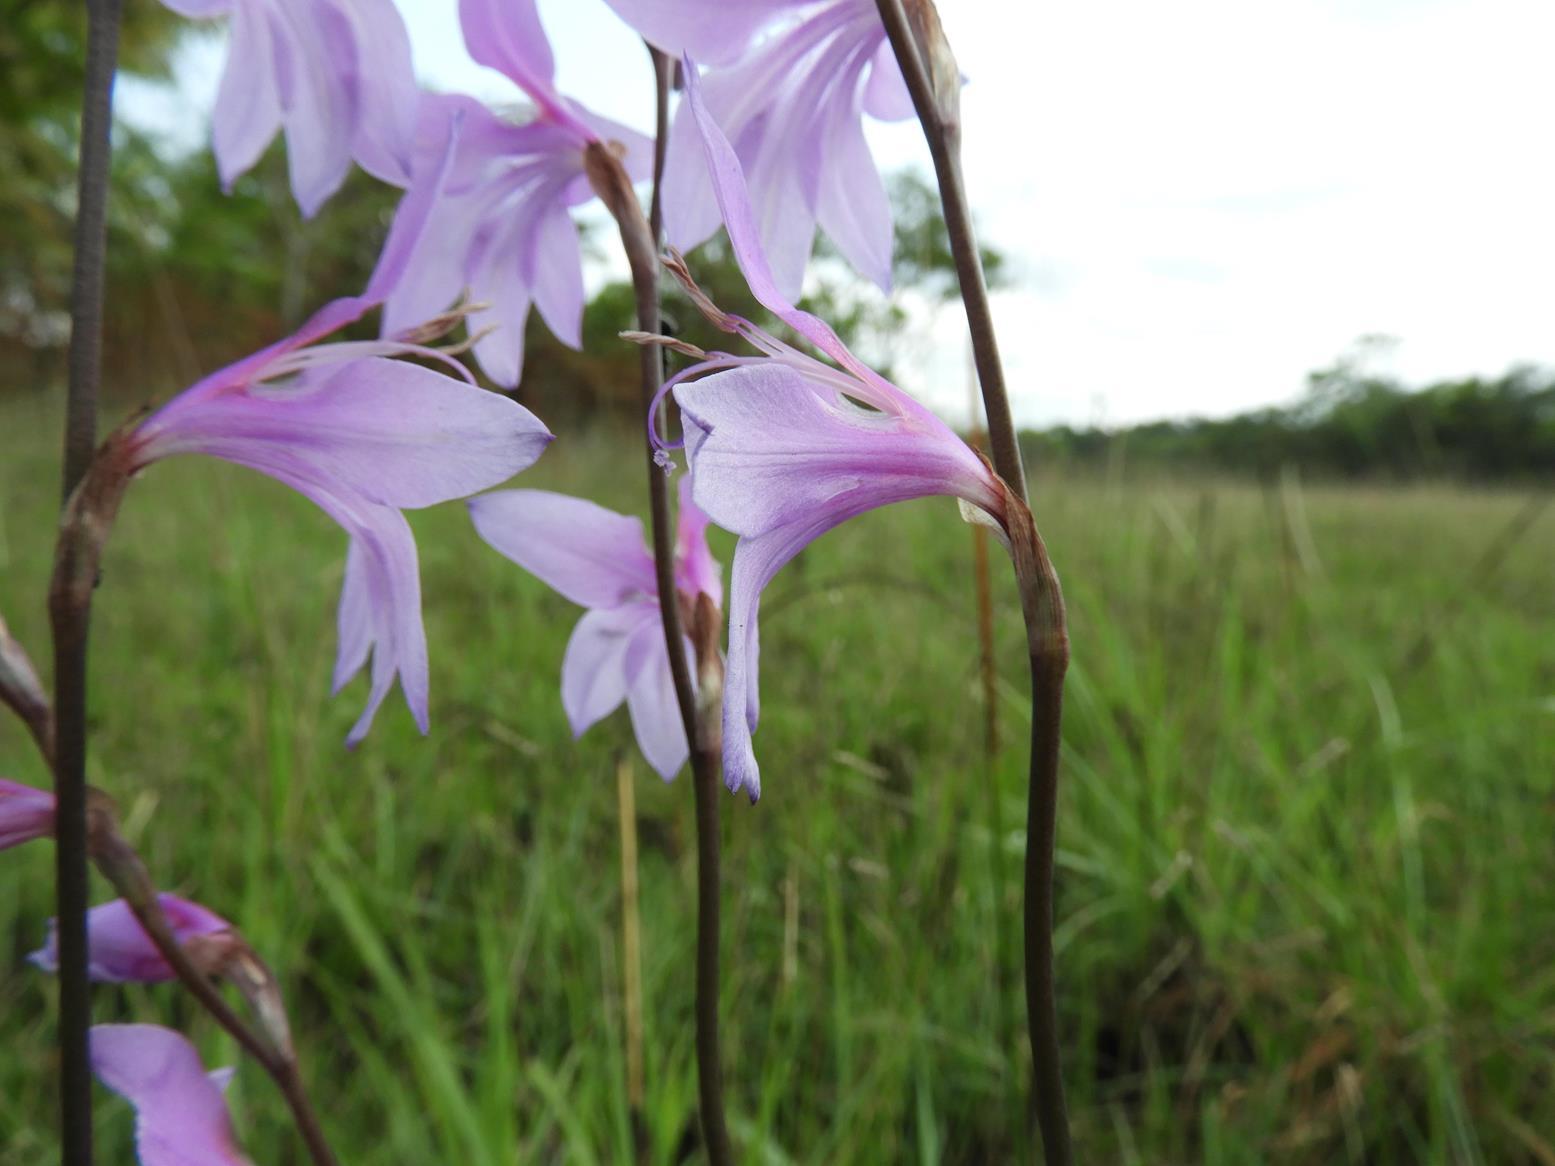 Gladiolus laxiflorus